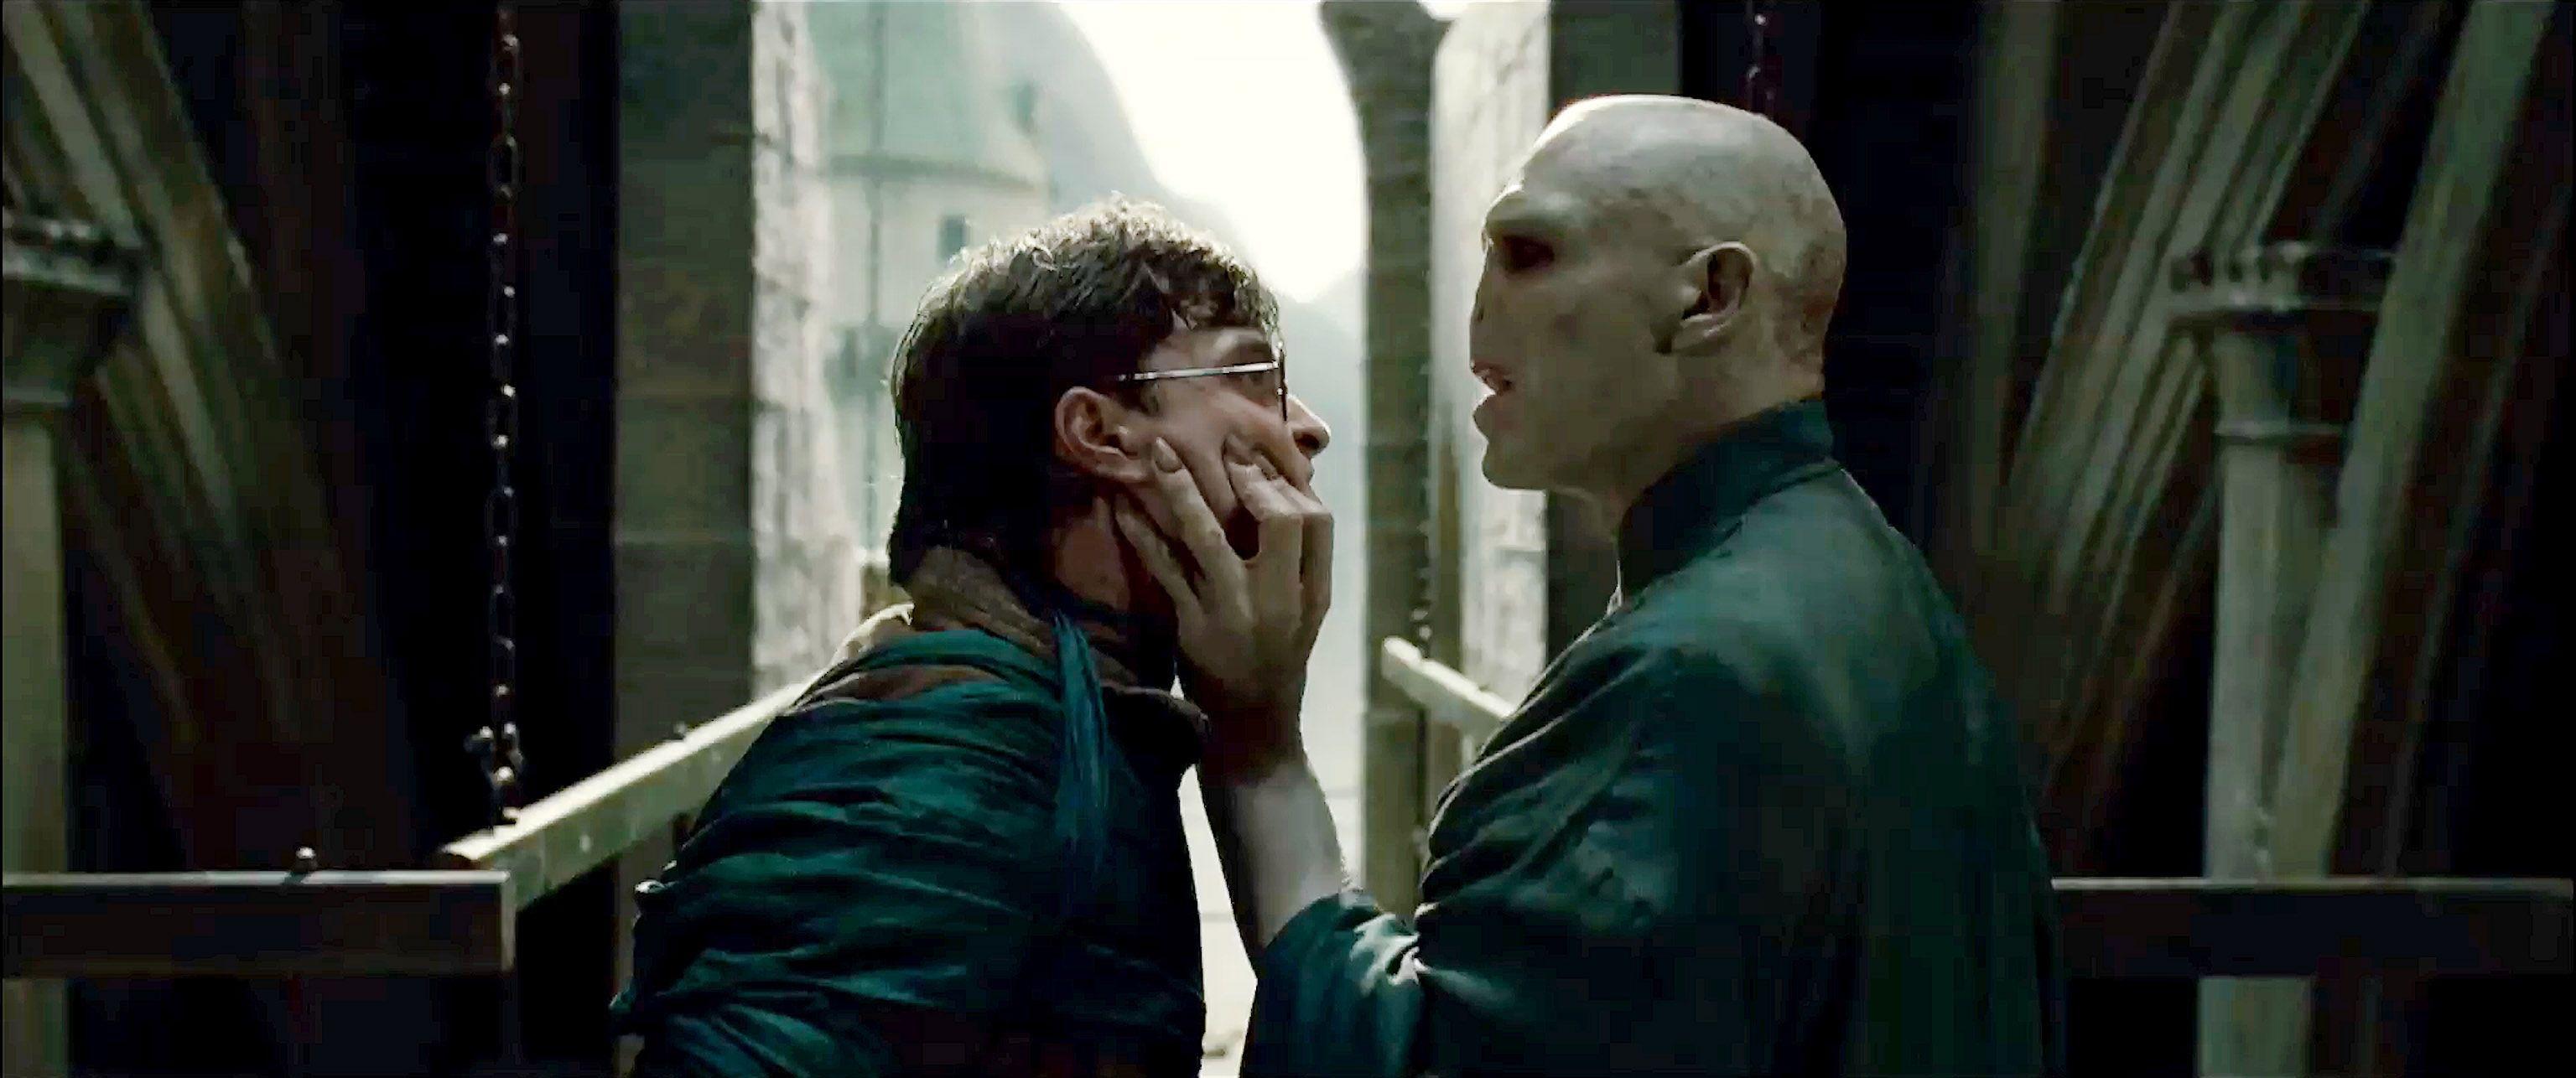 Película Harry Potter Y Las Reliquias De La Muerte Parte 2 Crítica Harry Potter Y Las Reliquias De La Muerte Parte 2